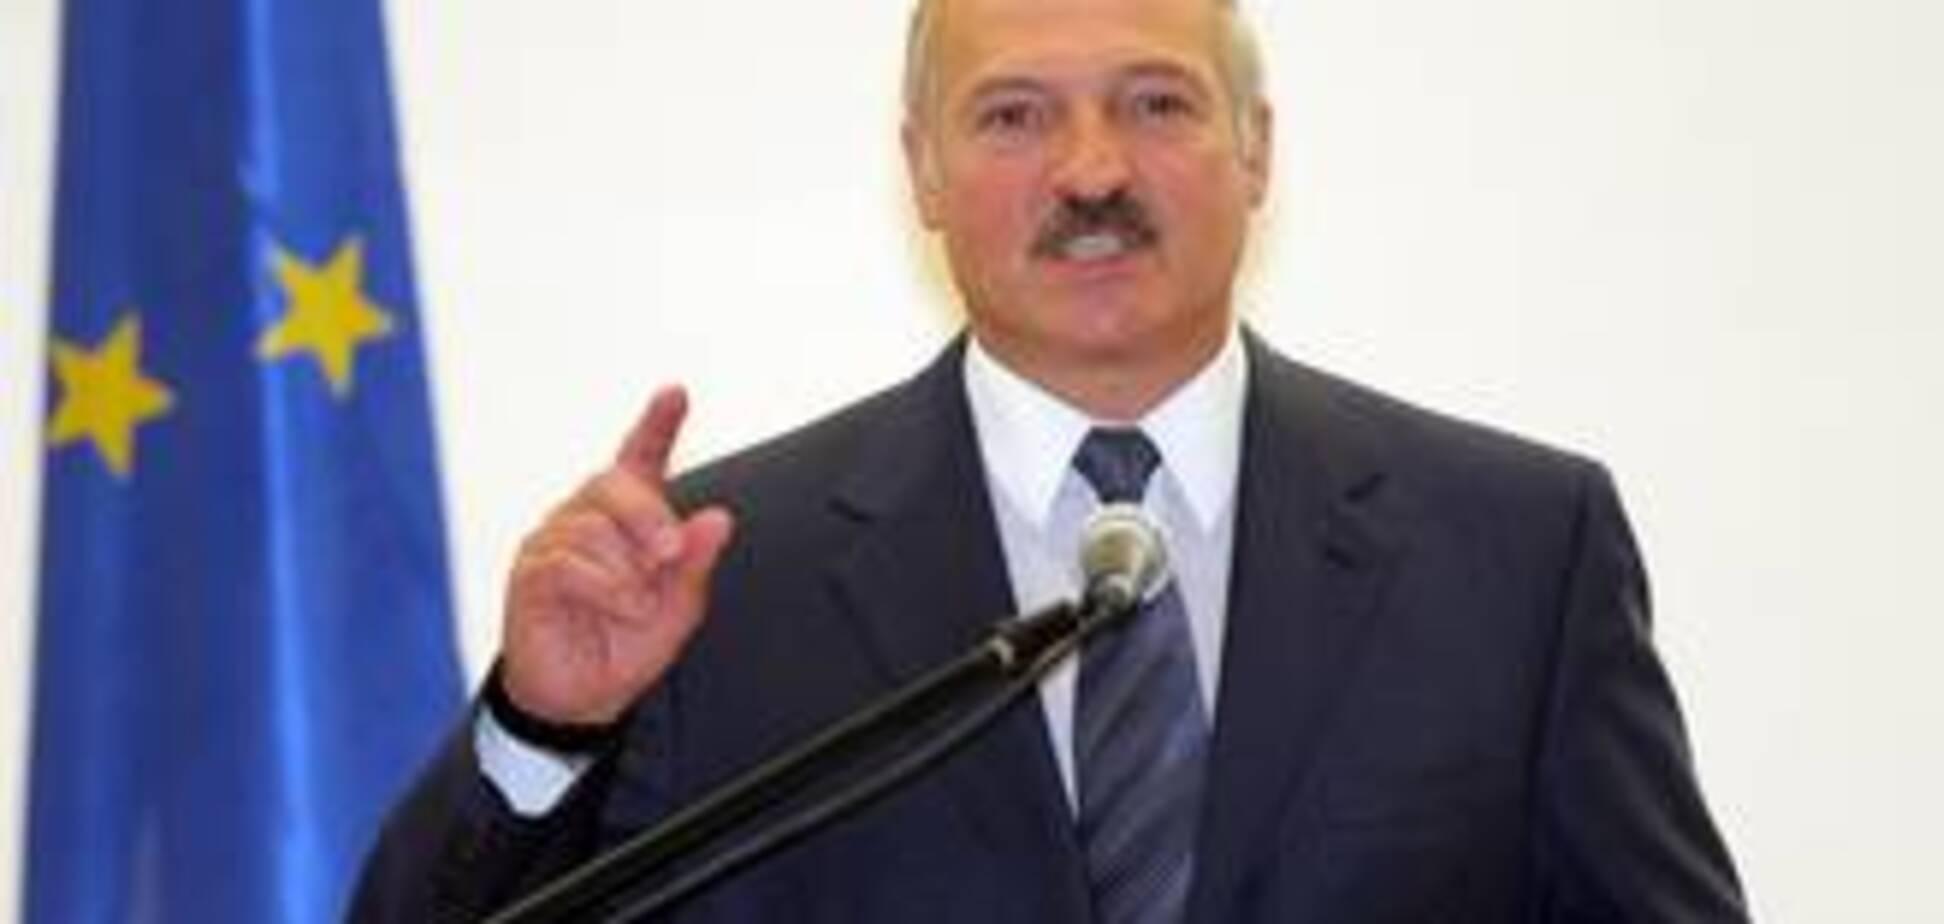 Европа прощает Лукашенко все прошлые обиды